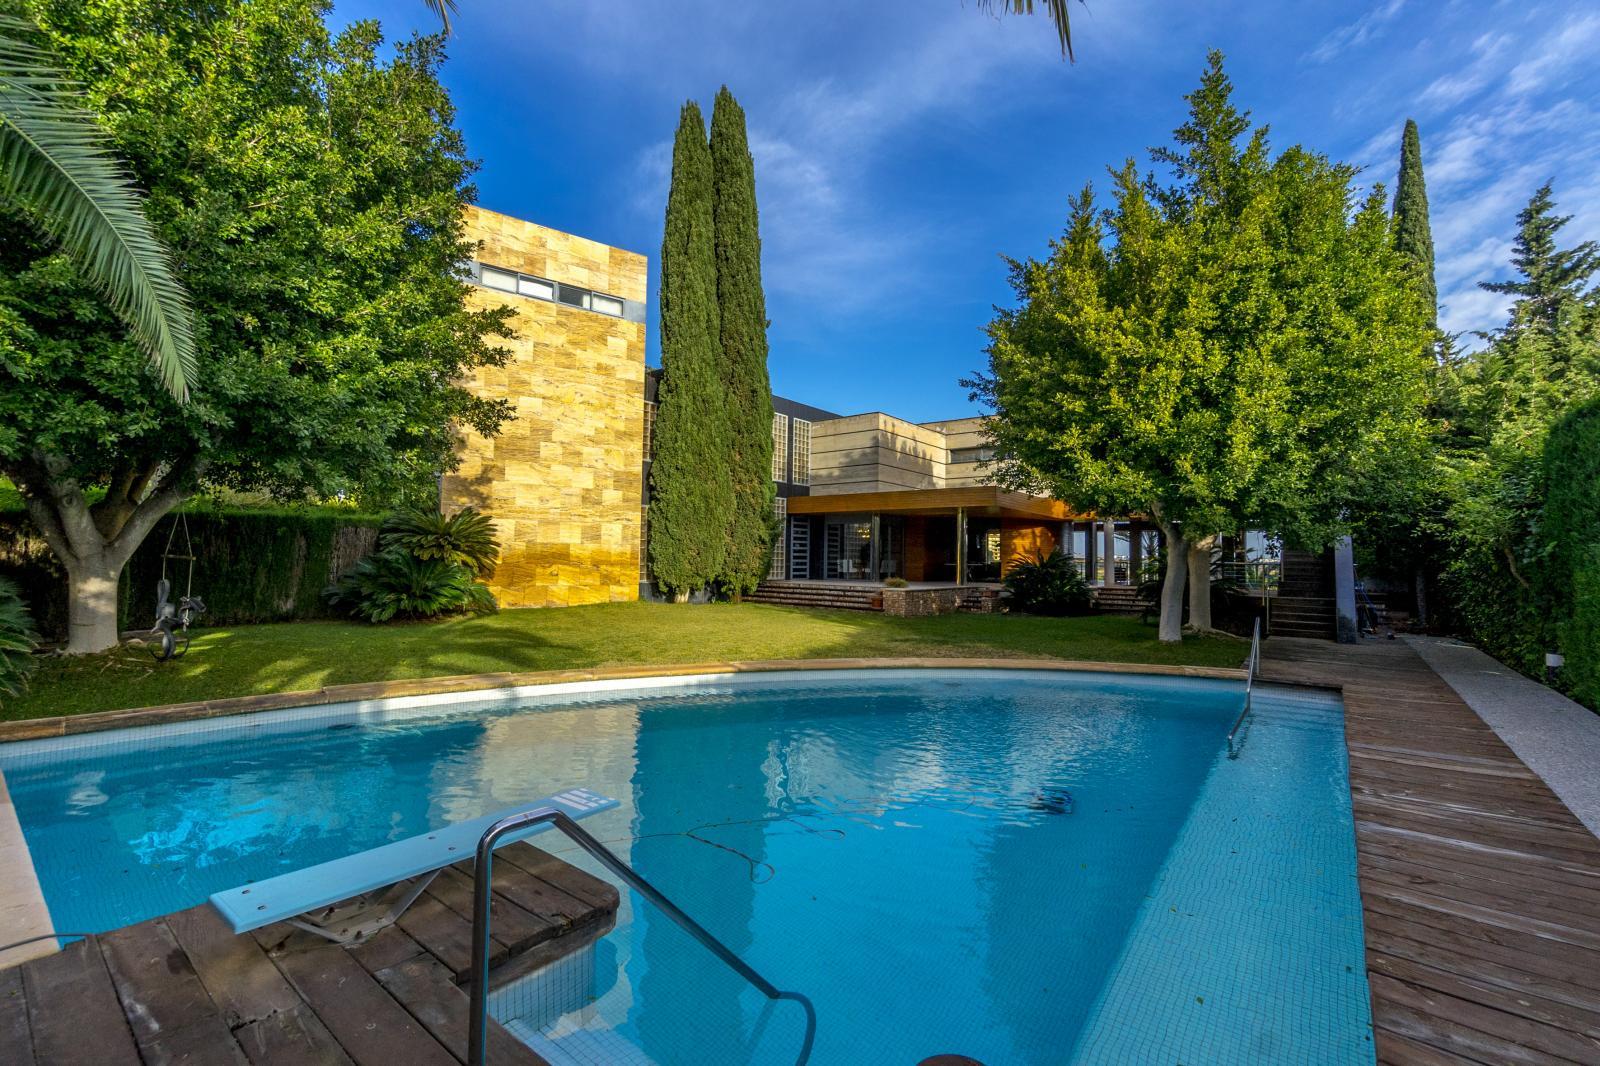 64977240 3223954 foto127967740 - Lujo, diseño y funcionalidad en esta villa en Campoamor (Alicante)